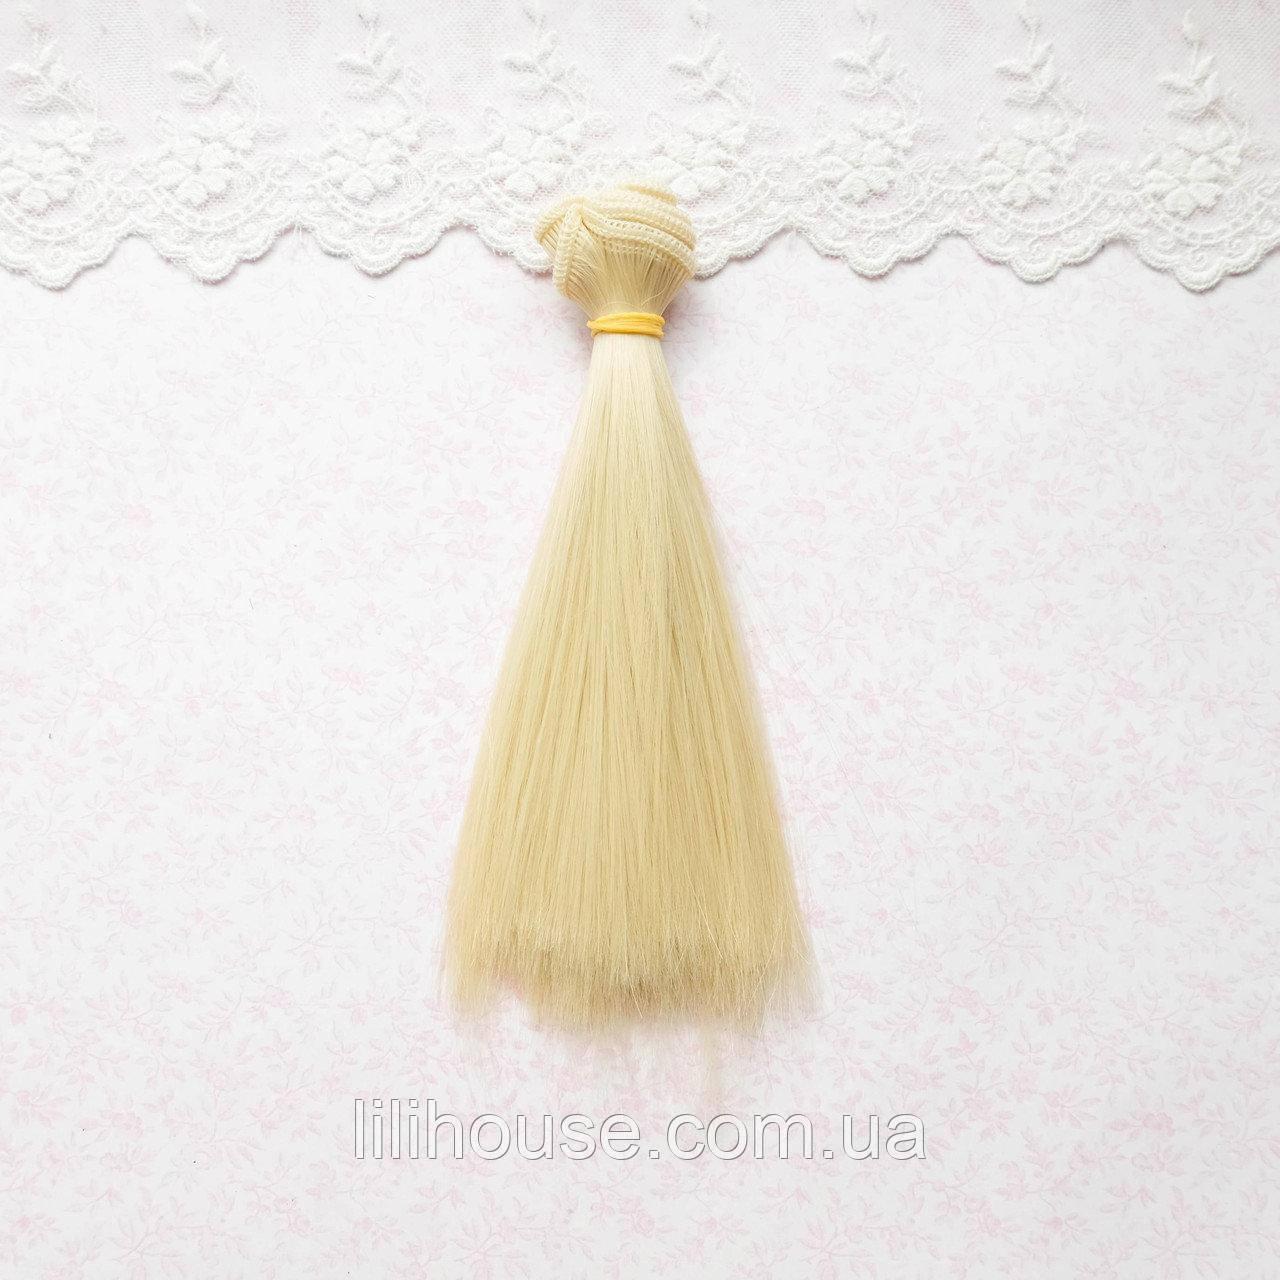 Волосы для Кукол Трессы Прямые БЛОНД 15 см